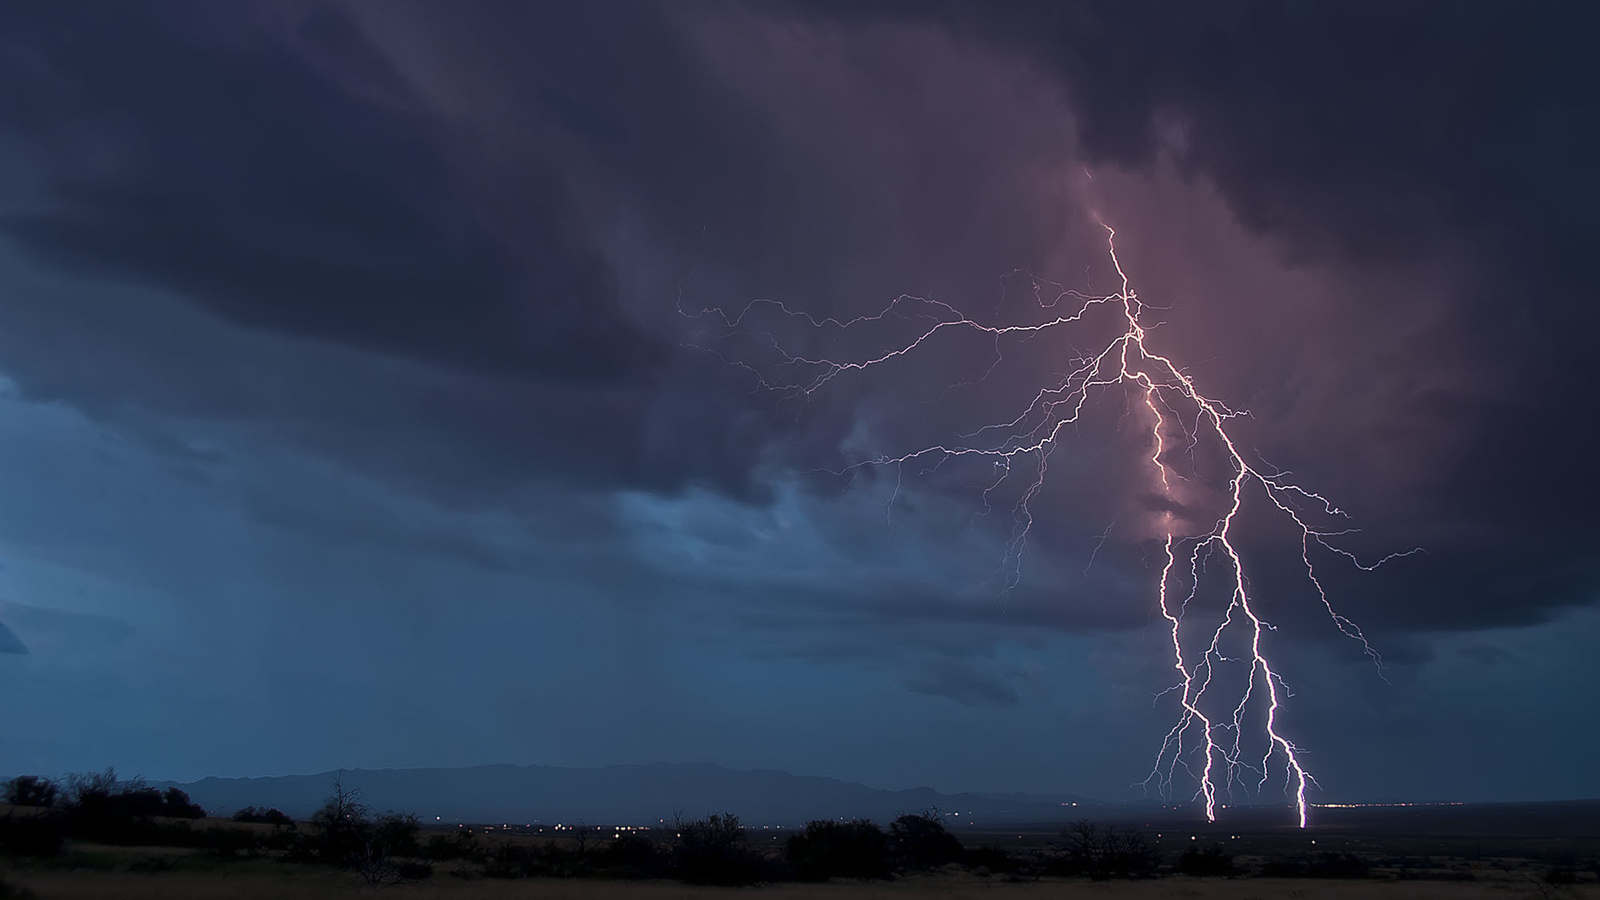 природа, вид, вечер, тучи, молния